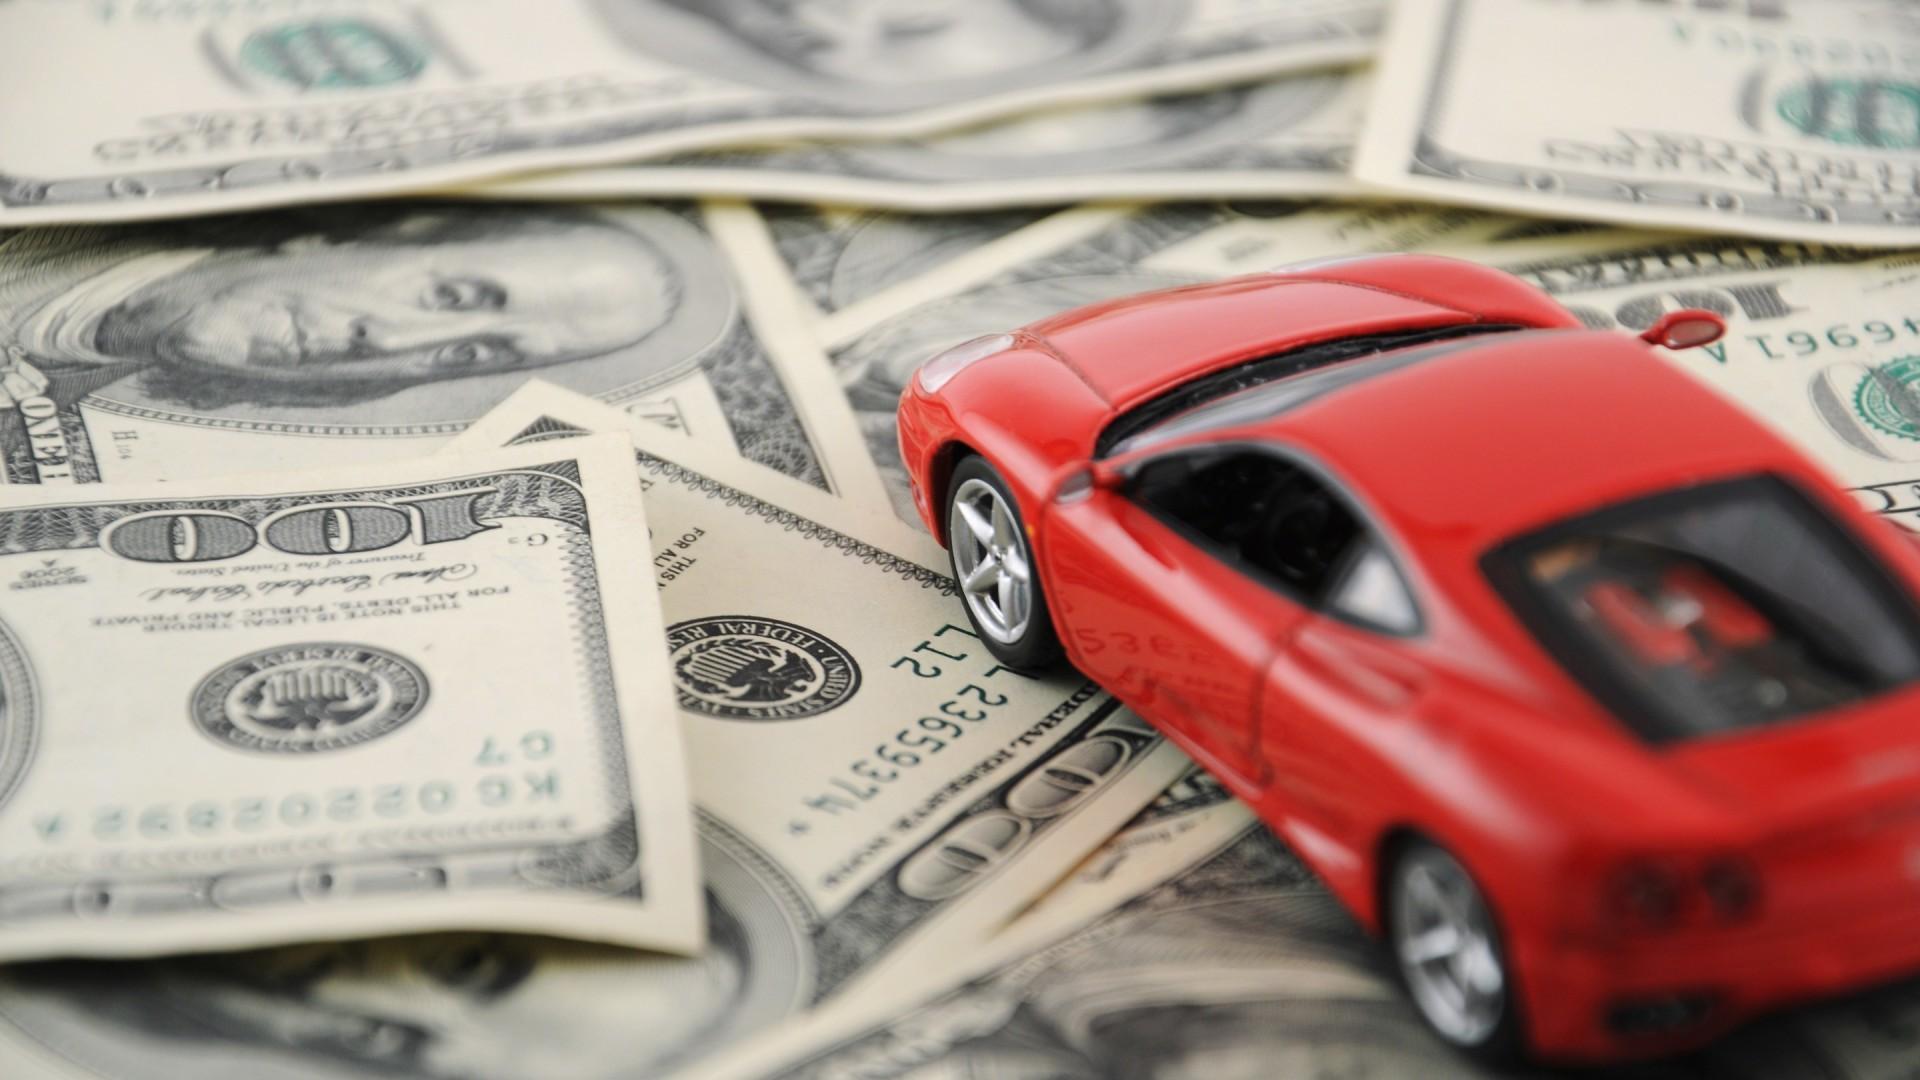 Pertimbangkan Masalah Harga - Macam-Macam Mobil Mainan dan Tips yang Perlu Anda Perhatikan dalam Memilih Mobil Mainan Anak